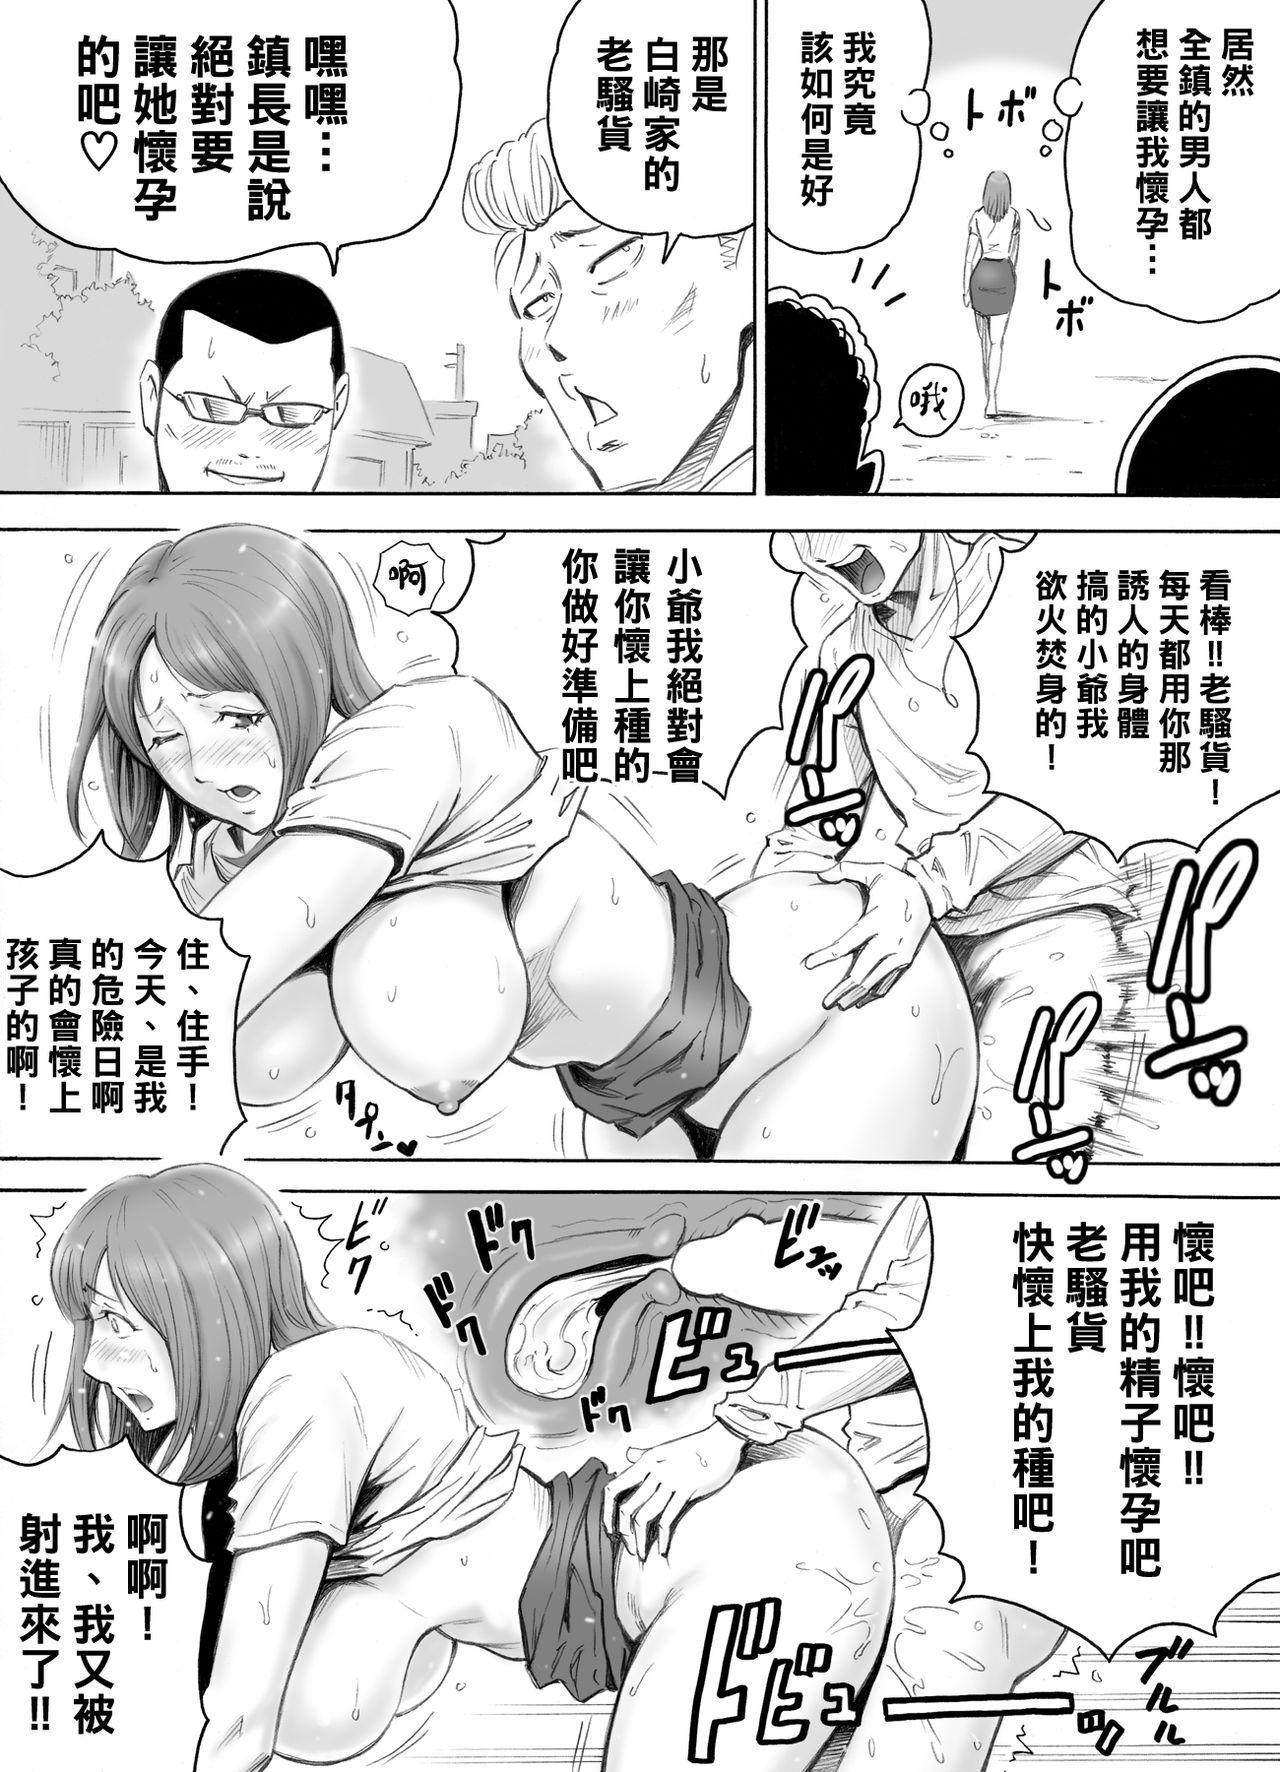 Aka-chan ga Hoshii Hitozuma o Chounai Minna de Haramaseyou 15